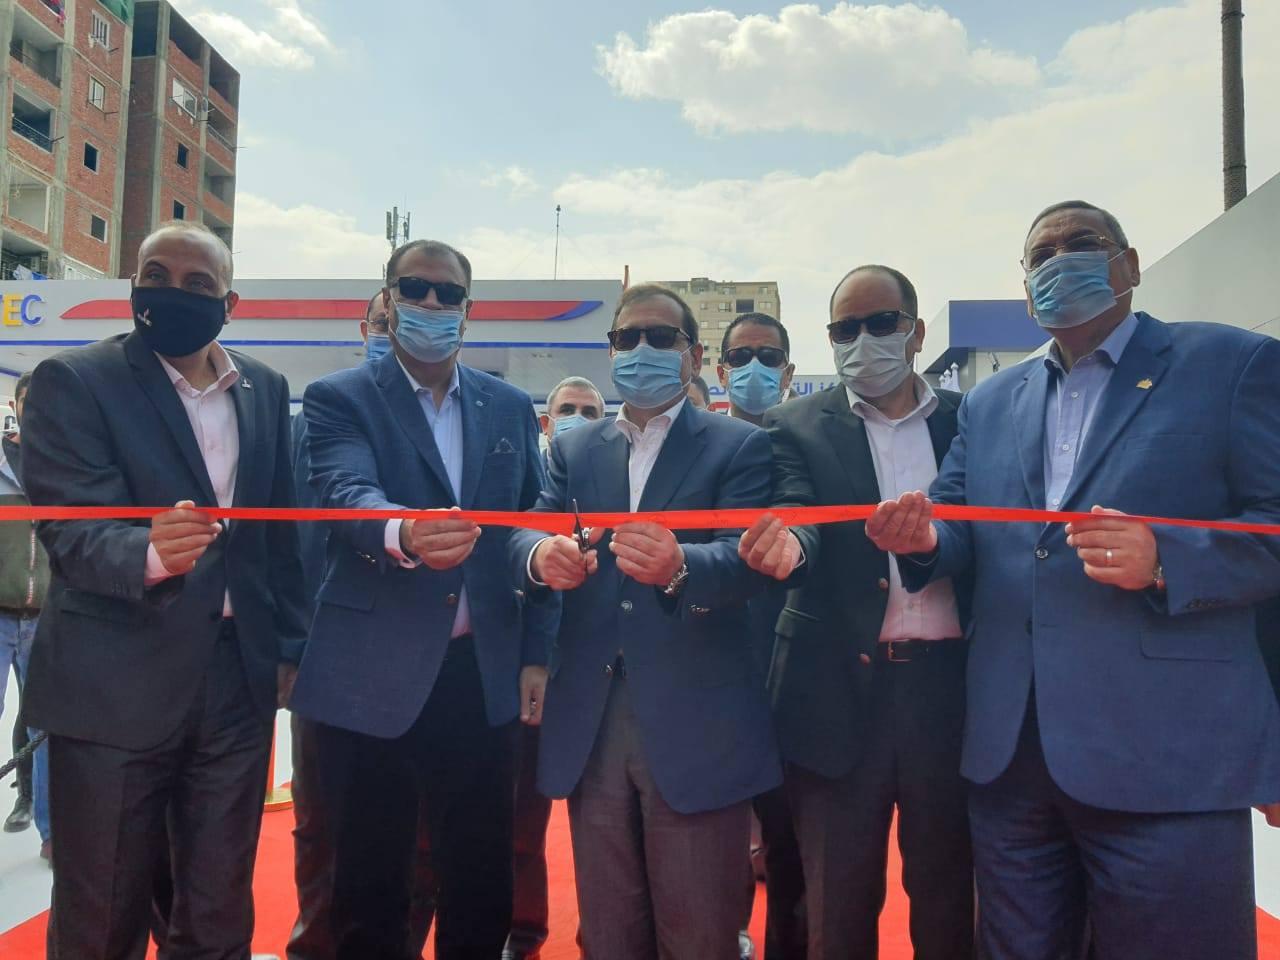 صور   وزير البترول يفتتح محطة جديدة لاستخدام الغاز الطبيعى كوقود بالوايلى